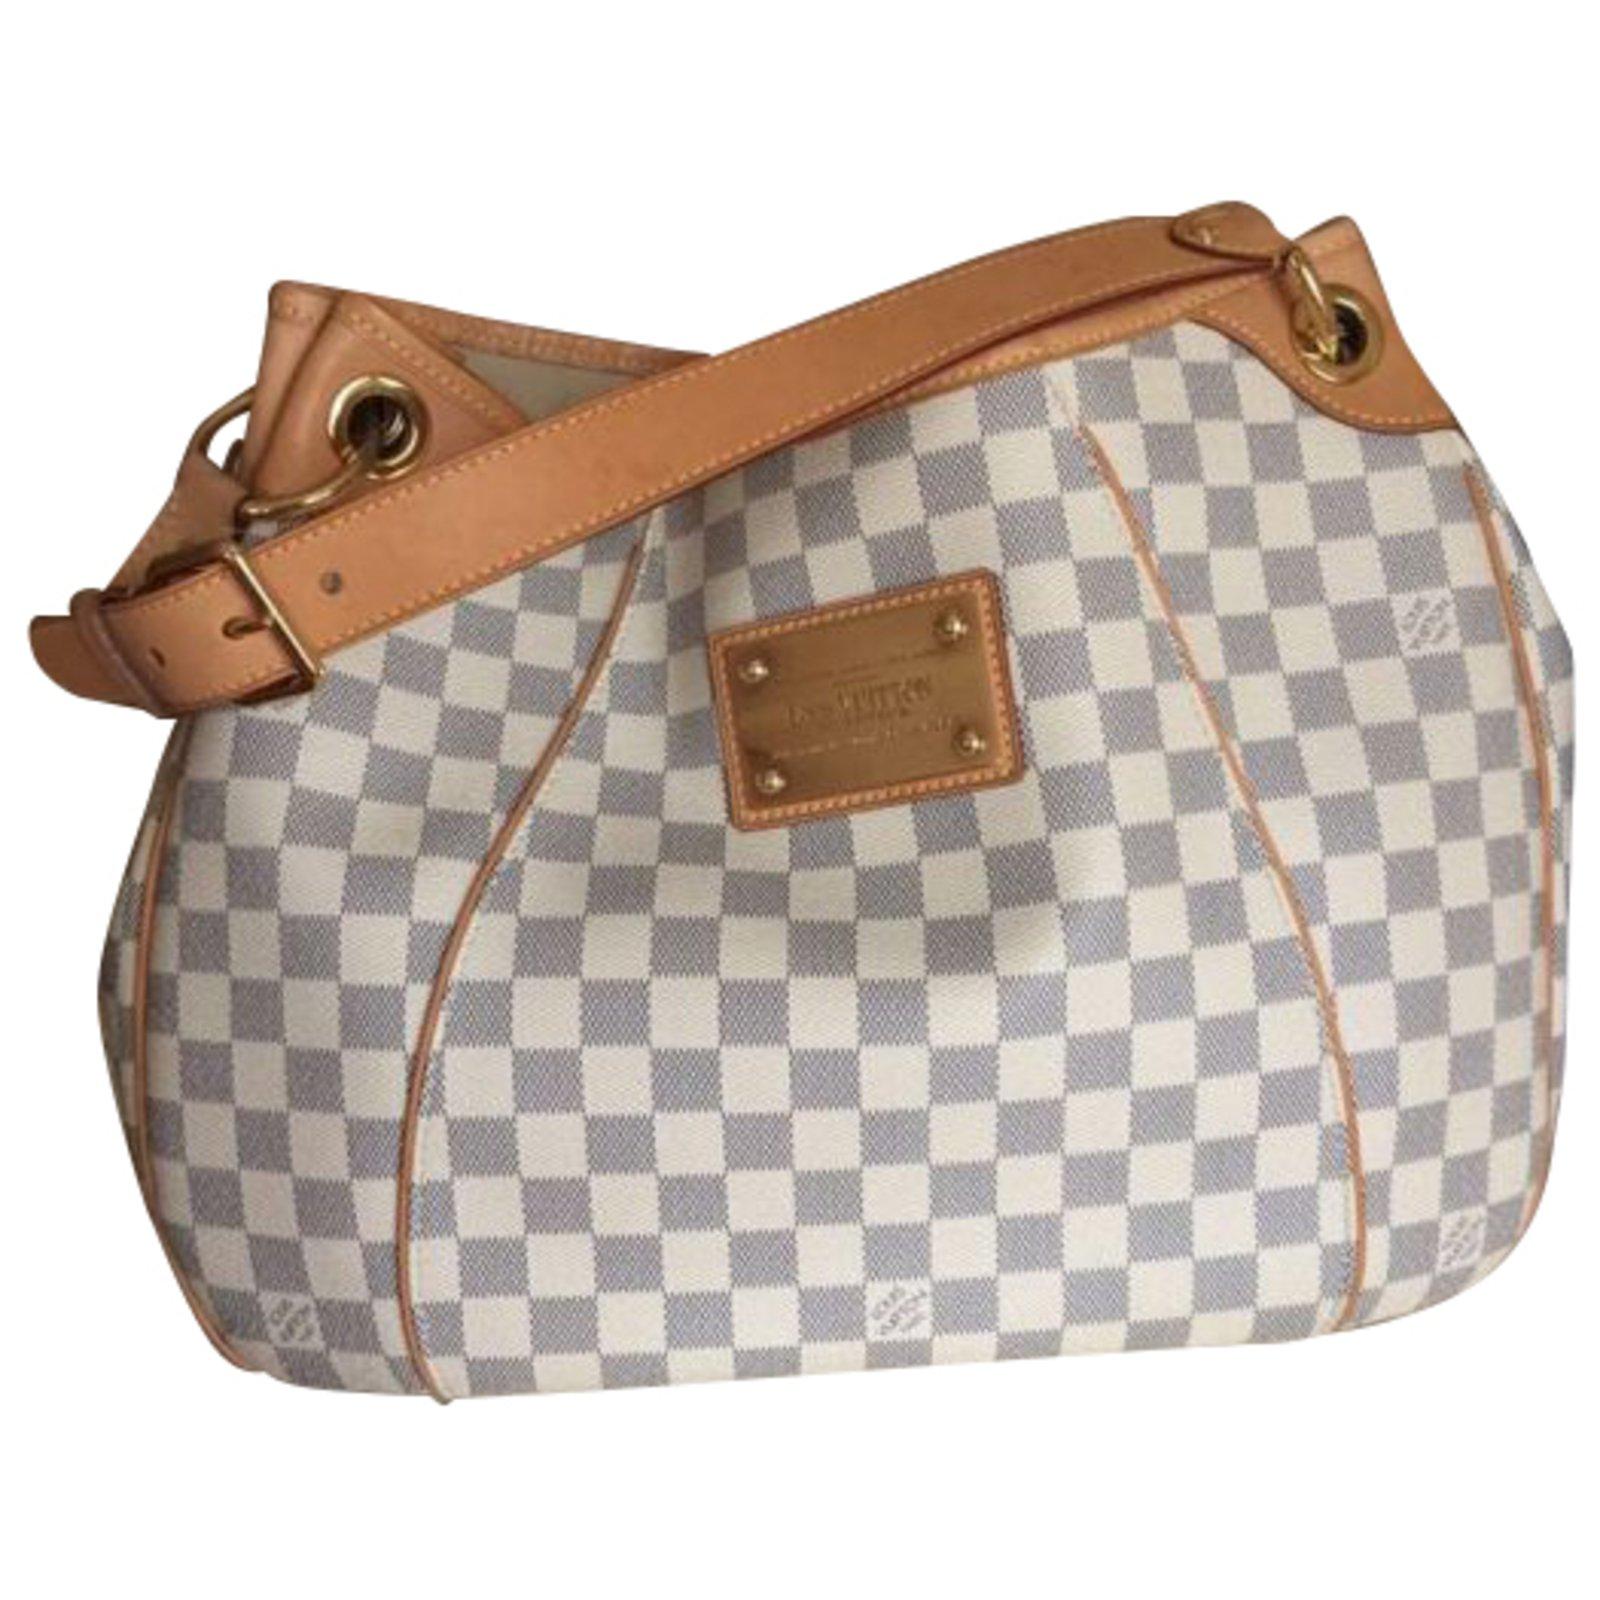 af617ebdea4e Louis Vuitton Galliera damier azur GM Handbags Leather White ref.39402